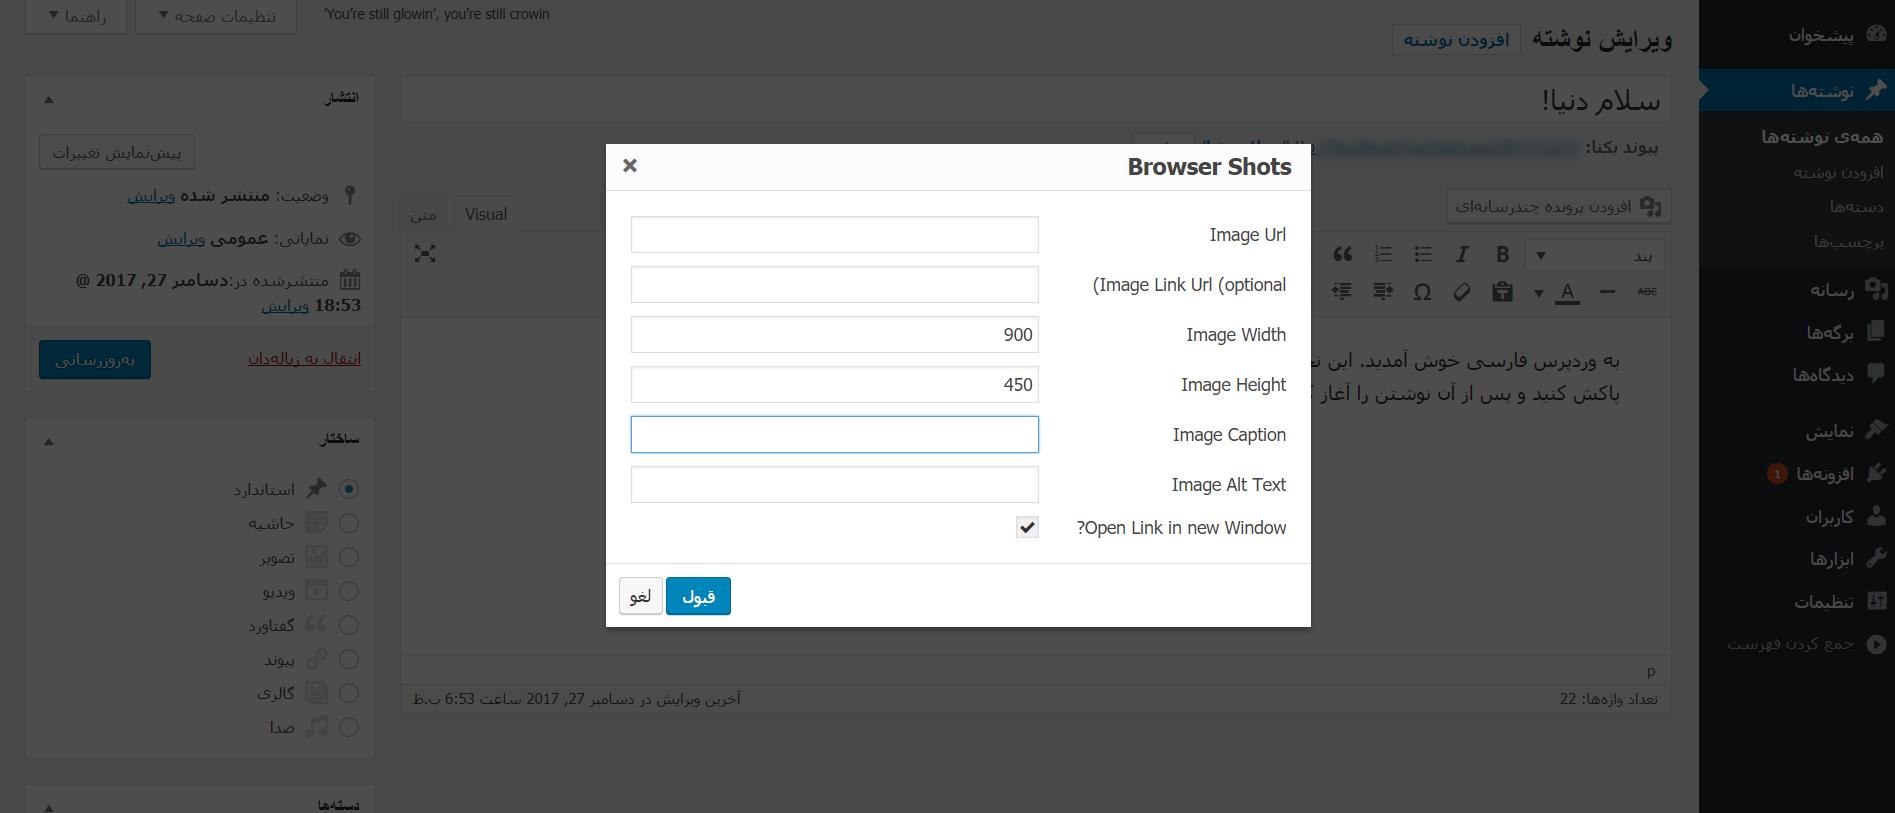 دریافت اسکرین شات بصورت خودکار در وردپرس با افزونه Browser Shots